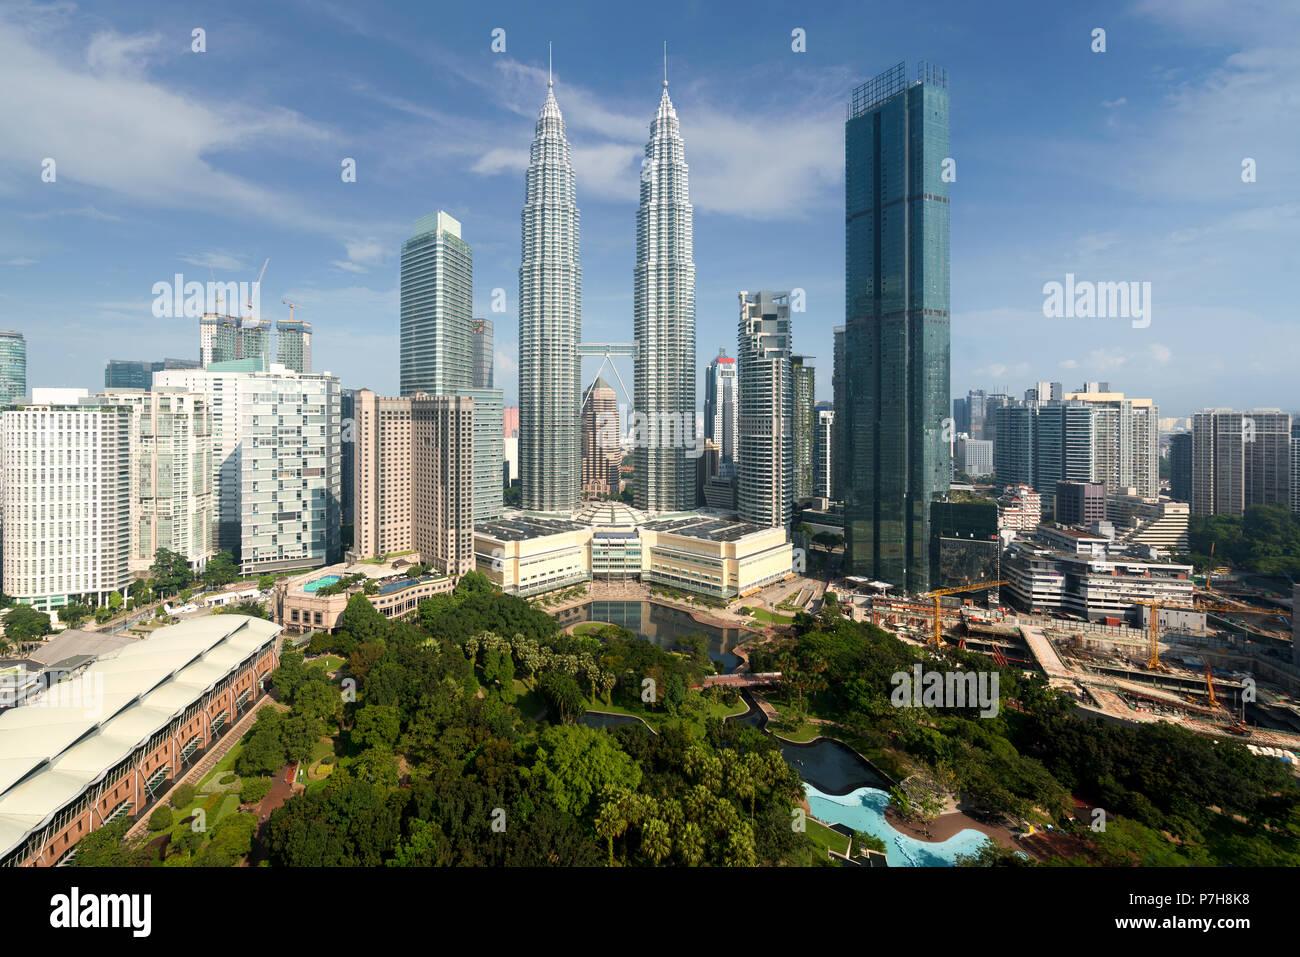 Kuala Lumpur Skyline der Stadt und den Wolkenkratzern Gebäude im Geschäftsviertel der Innenstadt in Kuala Lumpur, Malaysia. Asien. Stockbild